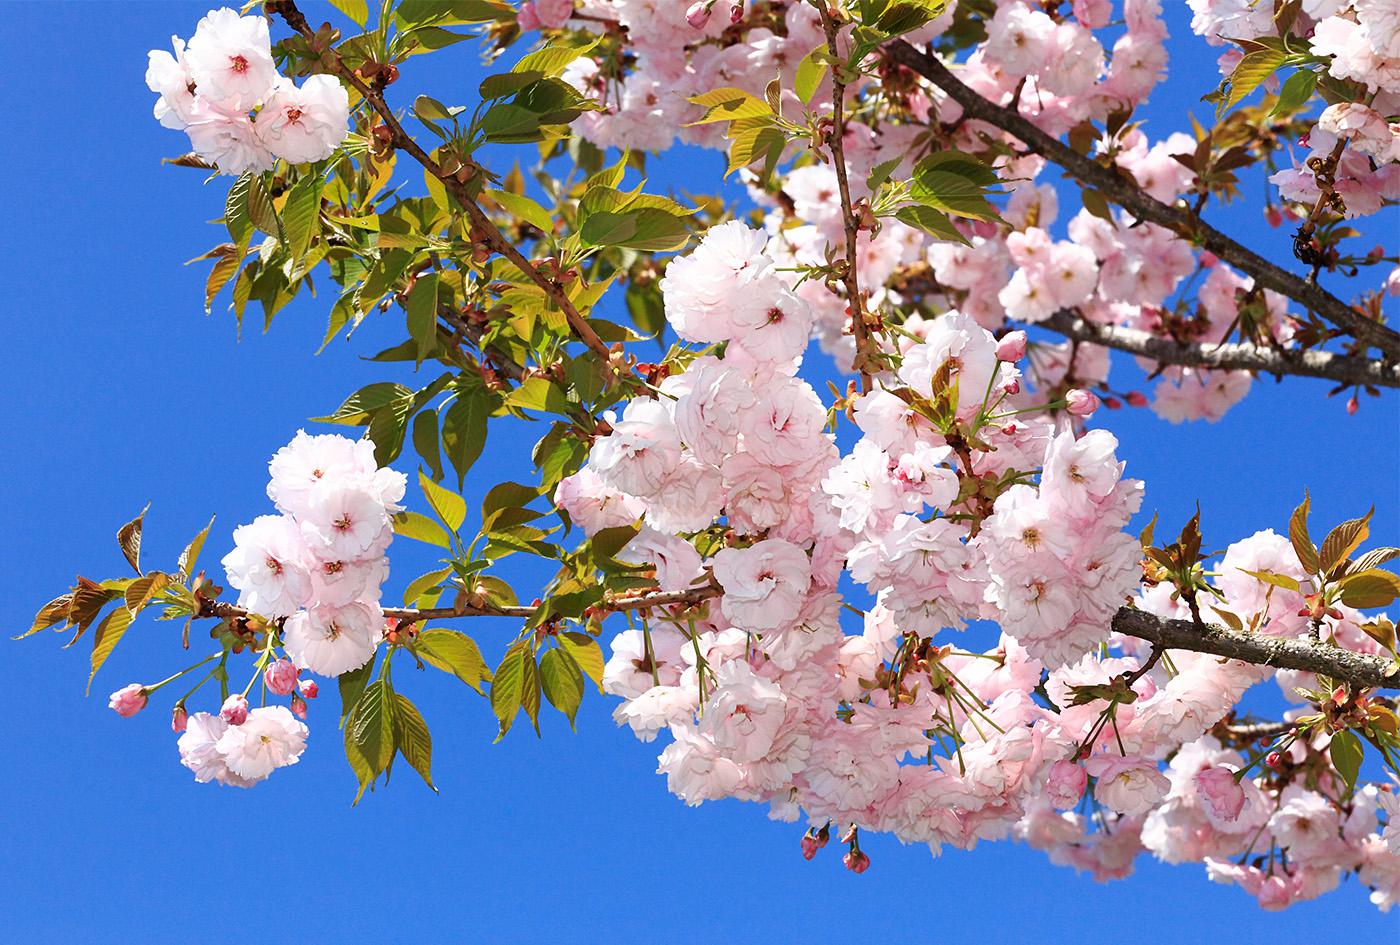 さくら市の桜 – 栃木県さくら市観光ナビ